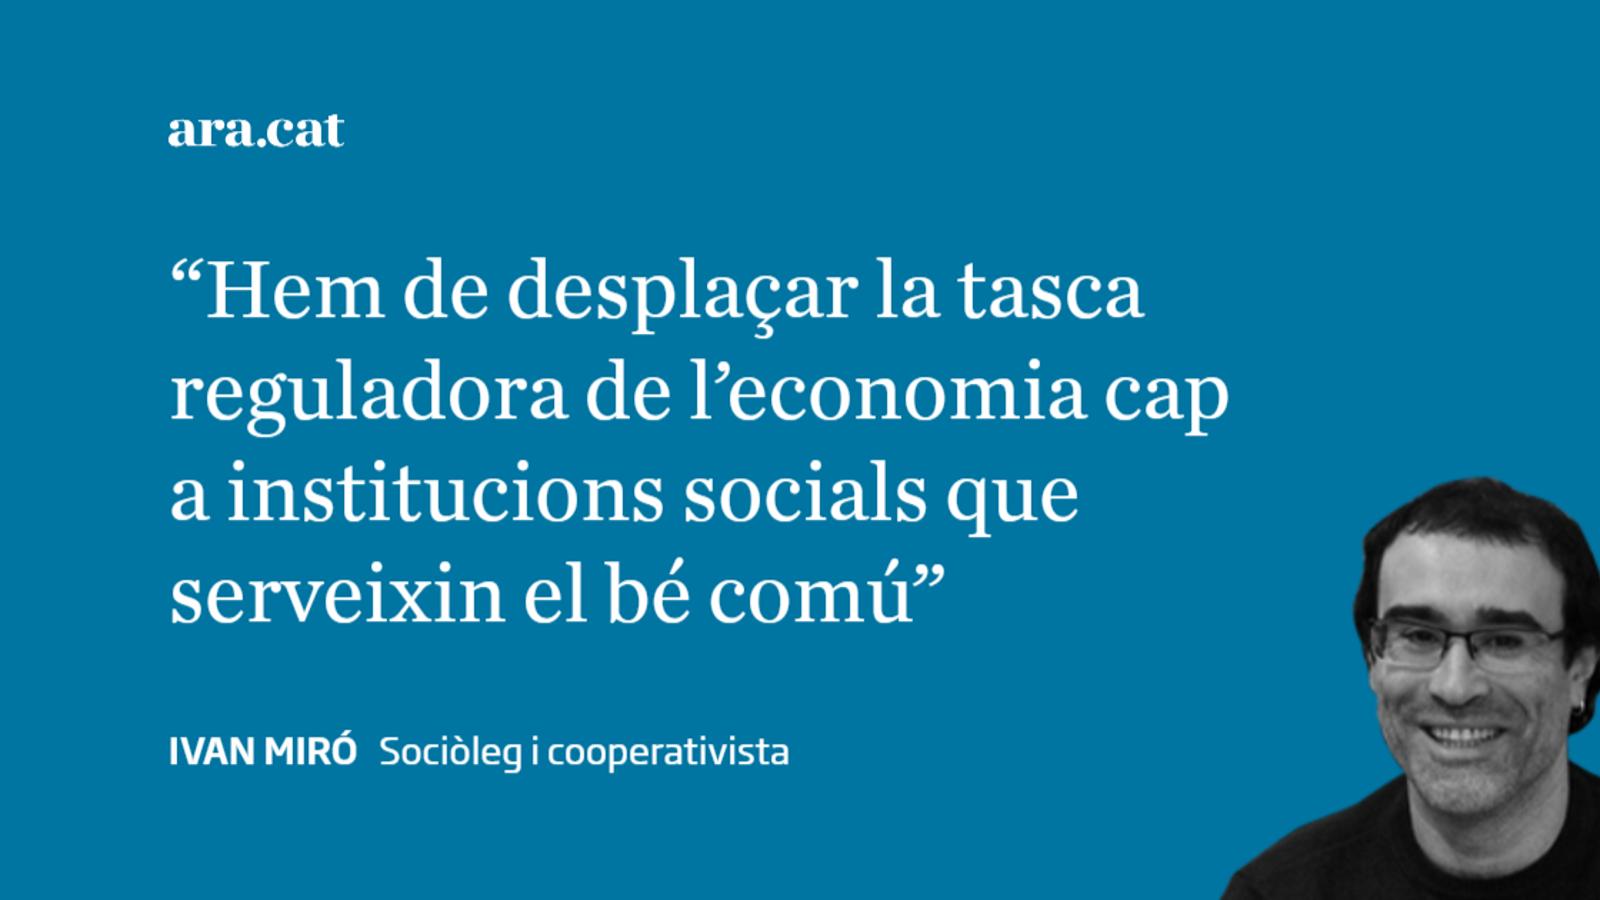 Catalunya: cap a la democràcia econòmica